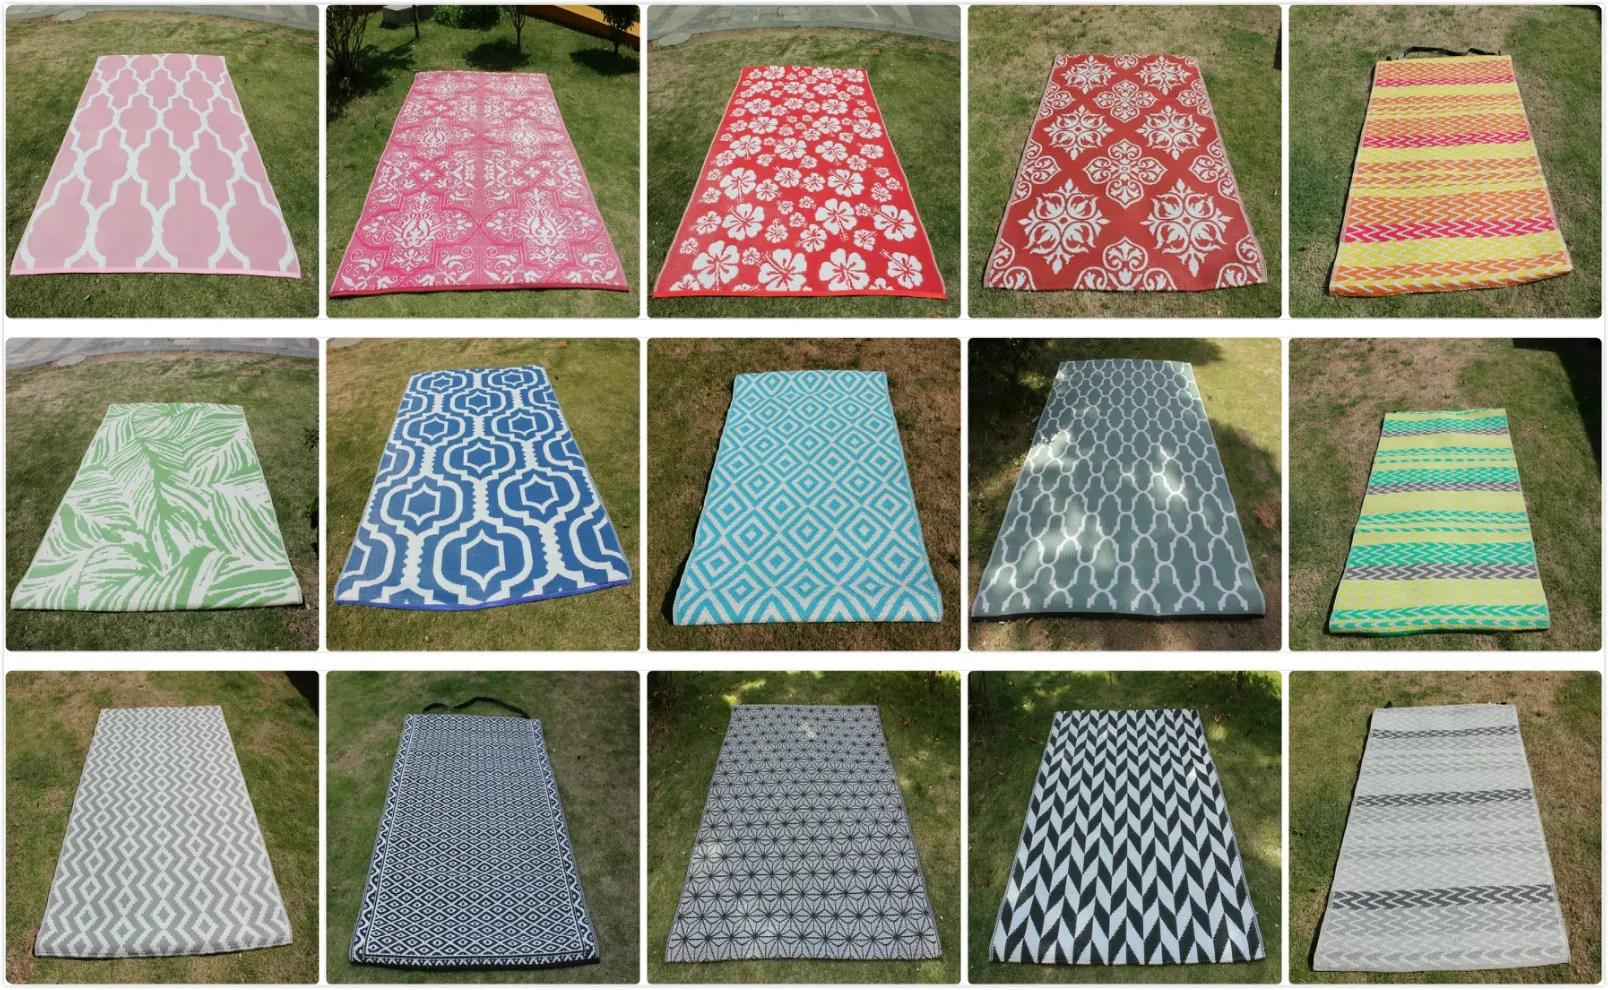 znz tapis d exterieur en plastique tapis de pique nique pp 100 en polypropylene resistant aux uv buy tapis de camping tapis de pique nique tapis pp